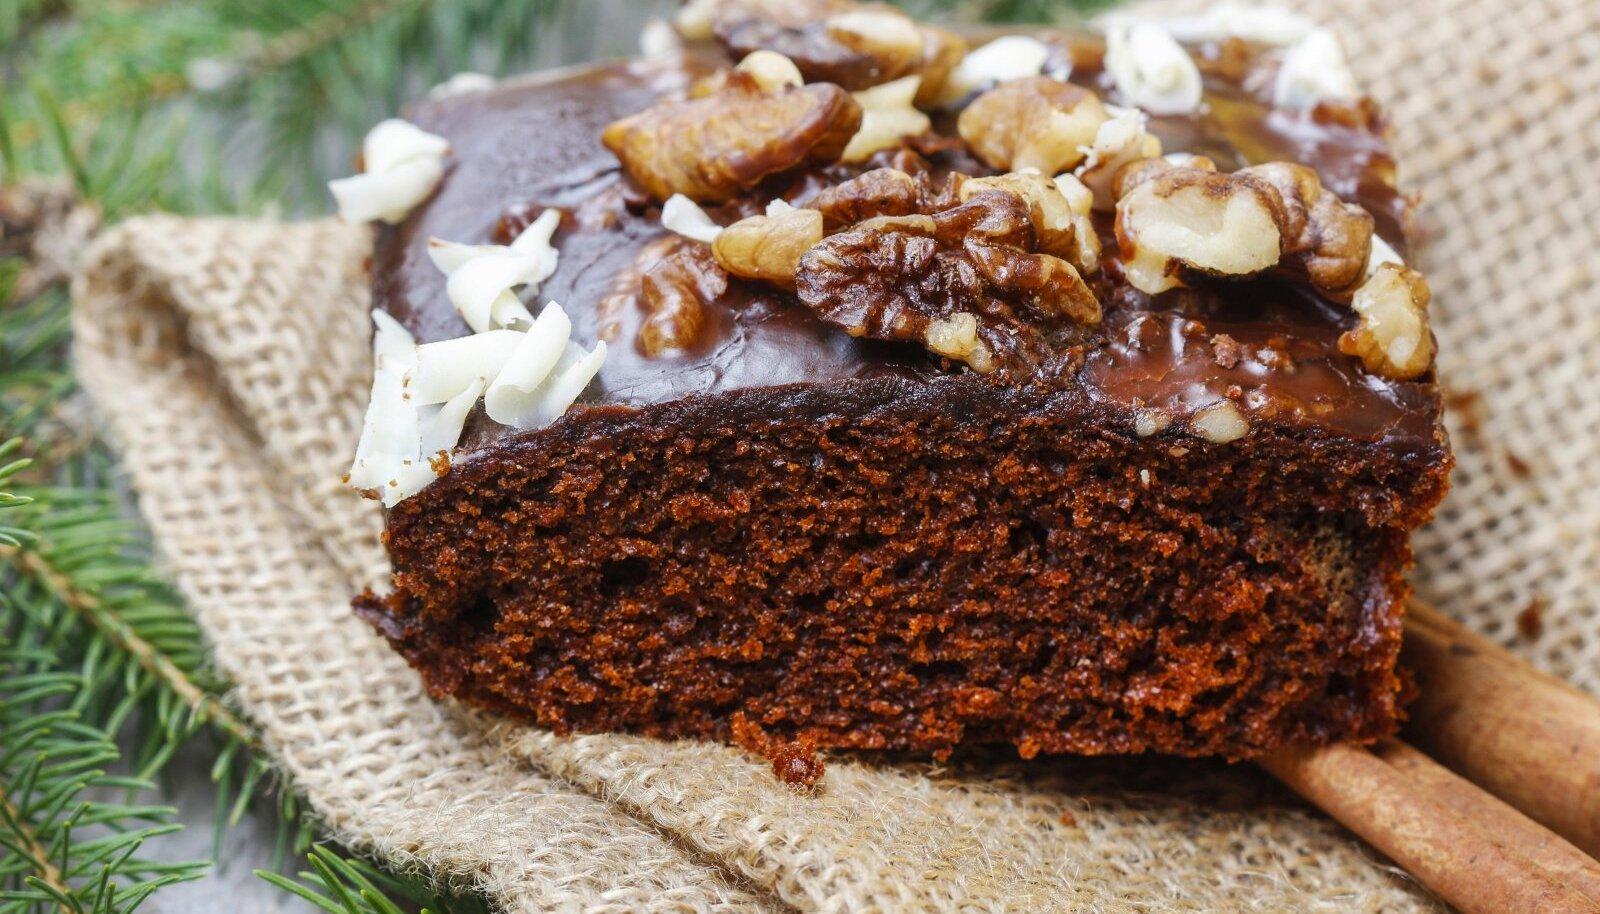 Plaadikoogi puhul lõika kook väikesteks ruutudeks või vajuta piparkoogivormidega välja erinevaid kujundeid.